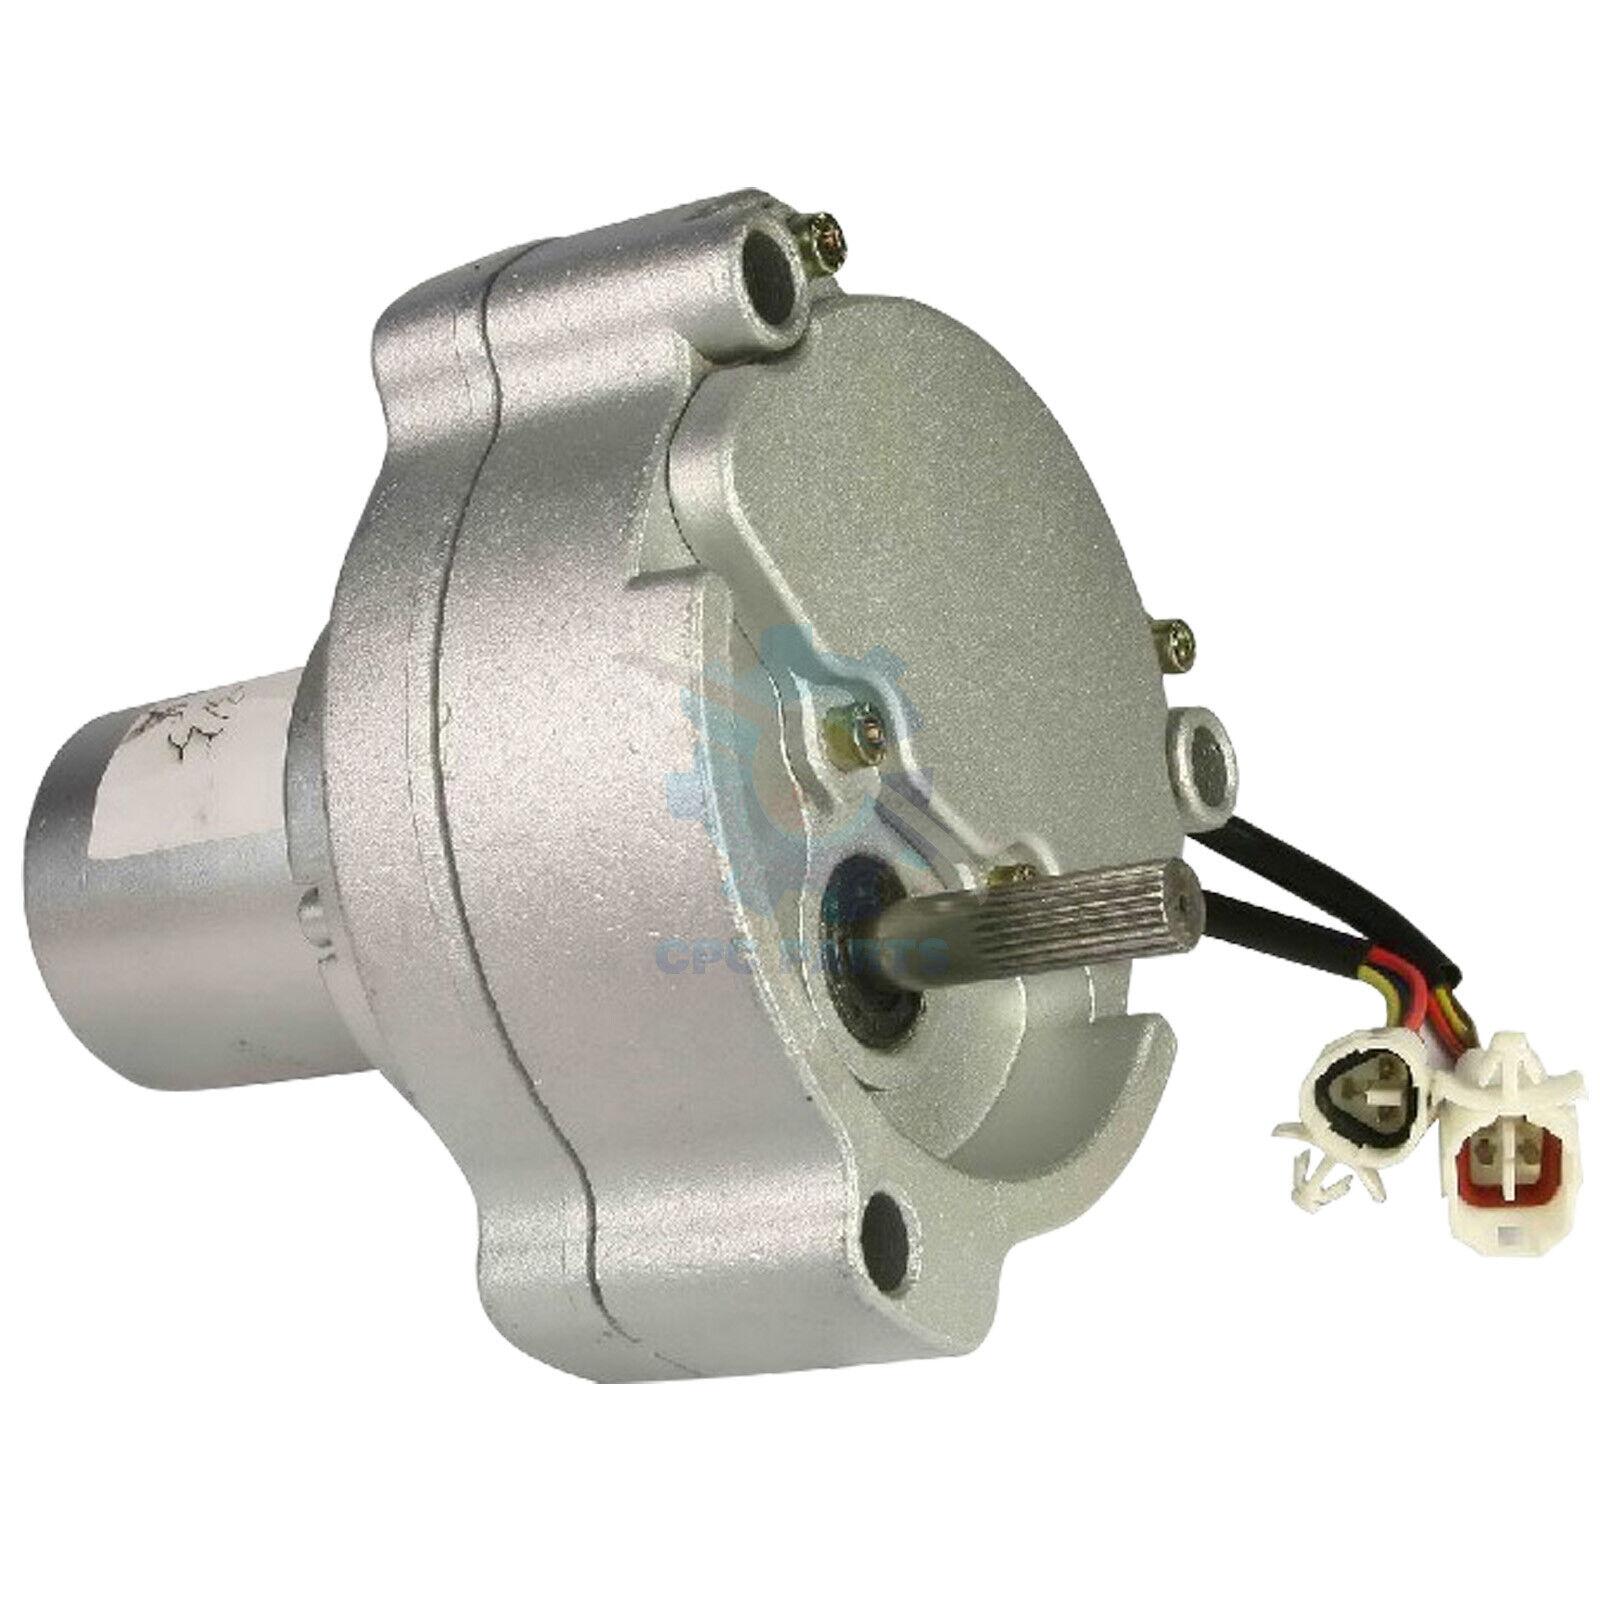 zt truck parts Throttle Motor YN2406U197F4 Fit for Kobelco SK200-3 SK200-5 SK120-5 SK120-6 SK60-3